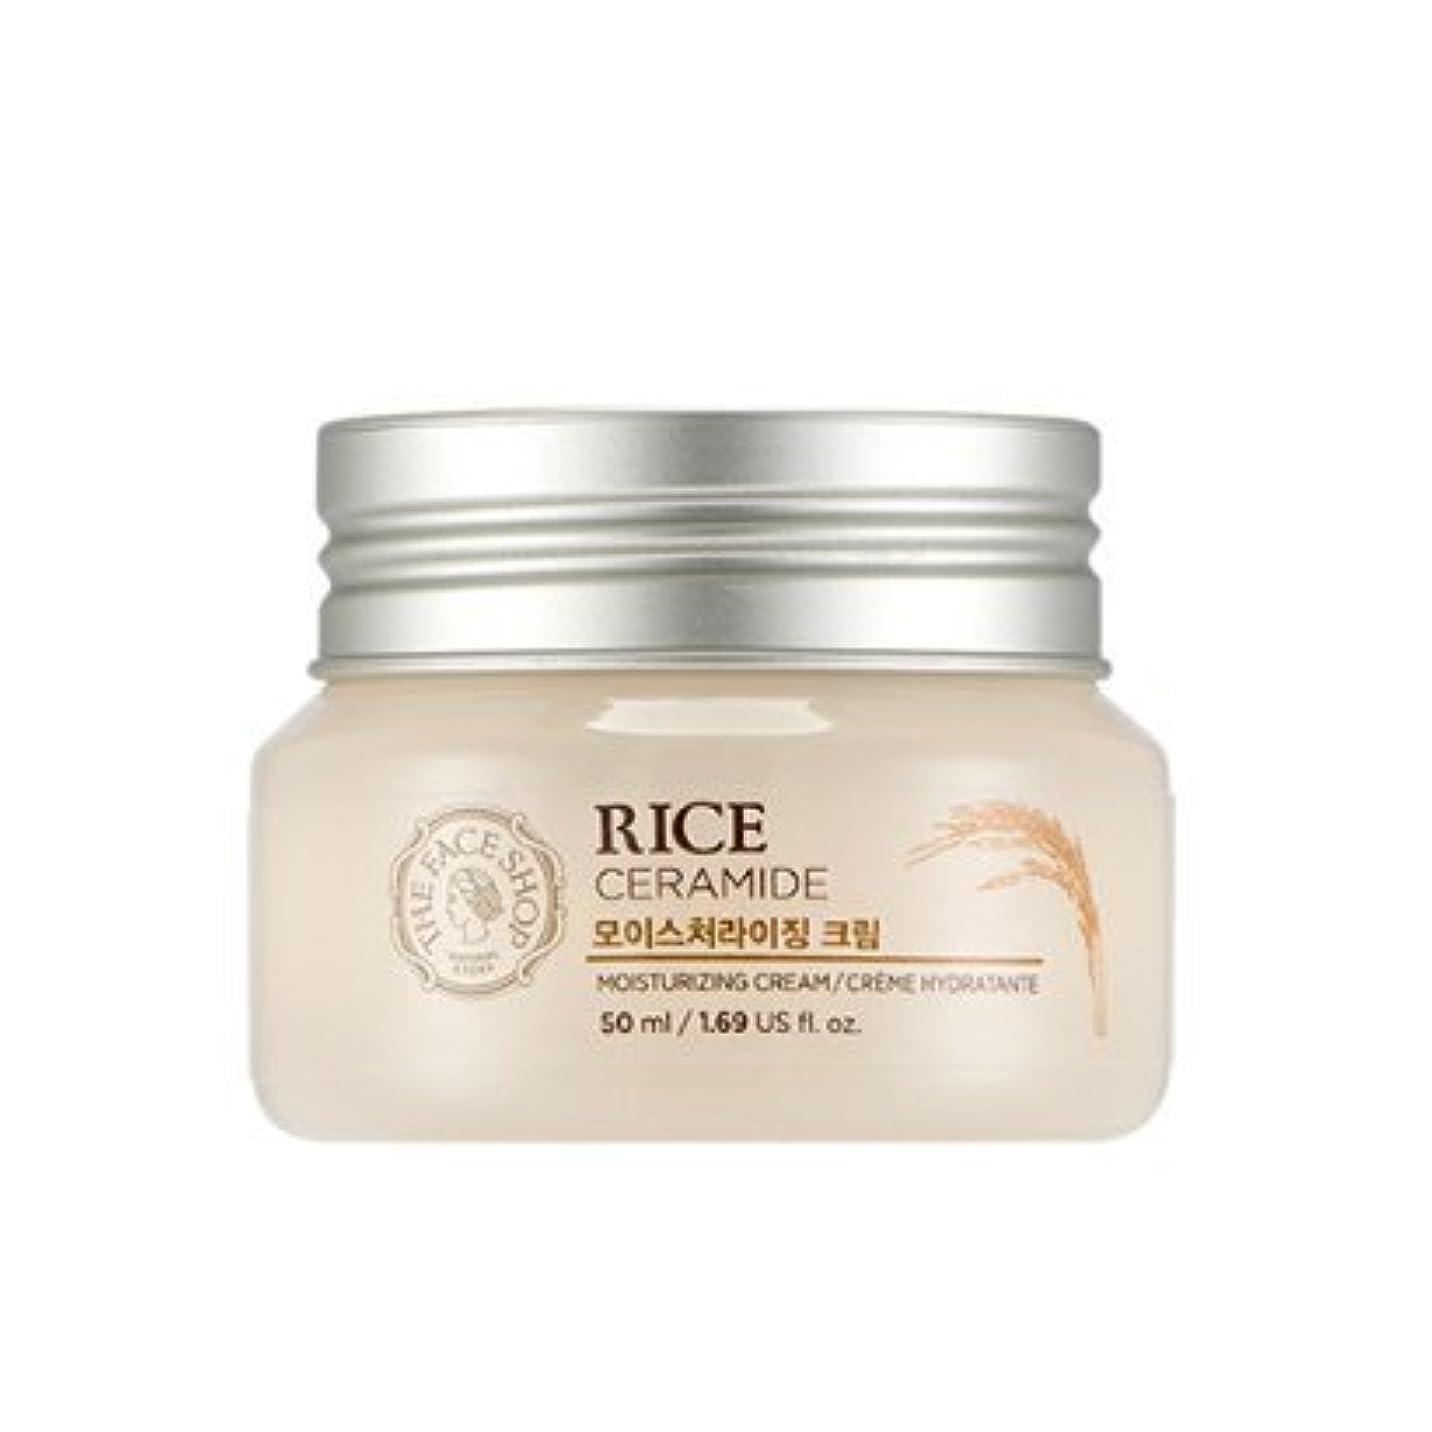 ヘビ振る舞う実験室THE FACE SHOP Rice & Ceramide Moisturizing Cream ザフェイスショップ ライス&セラミドモイスチャーライジングクリーム [並行輸入品]